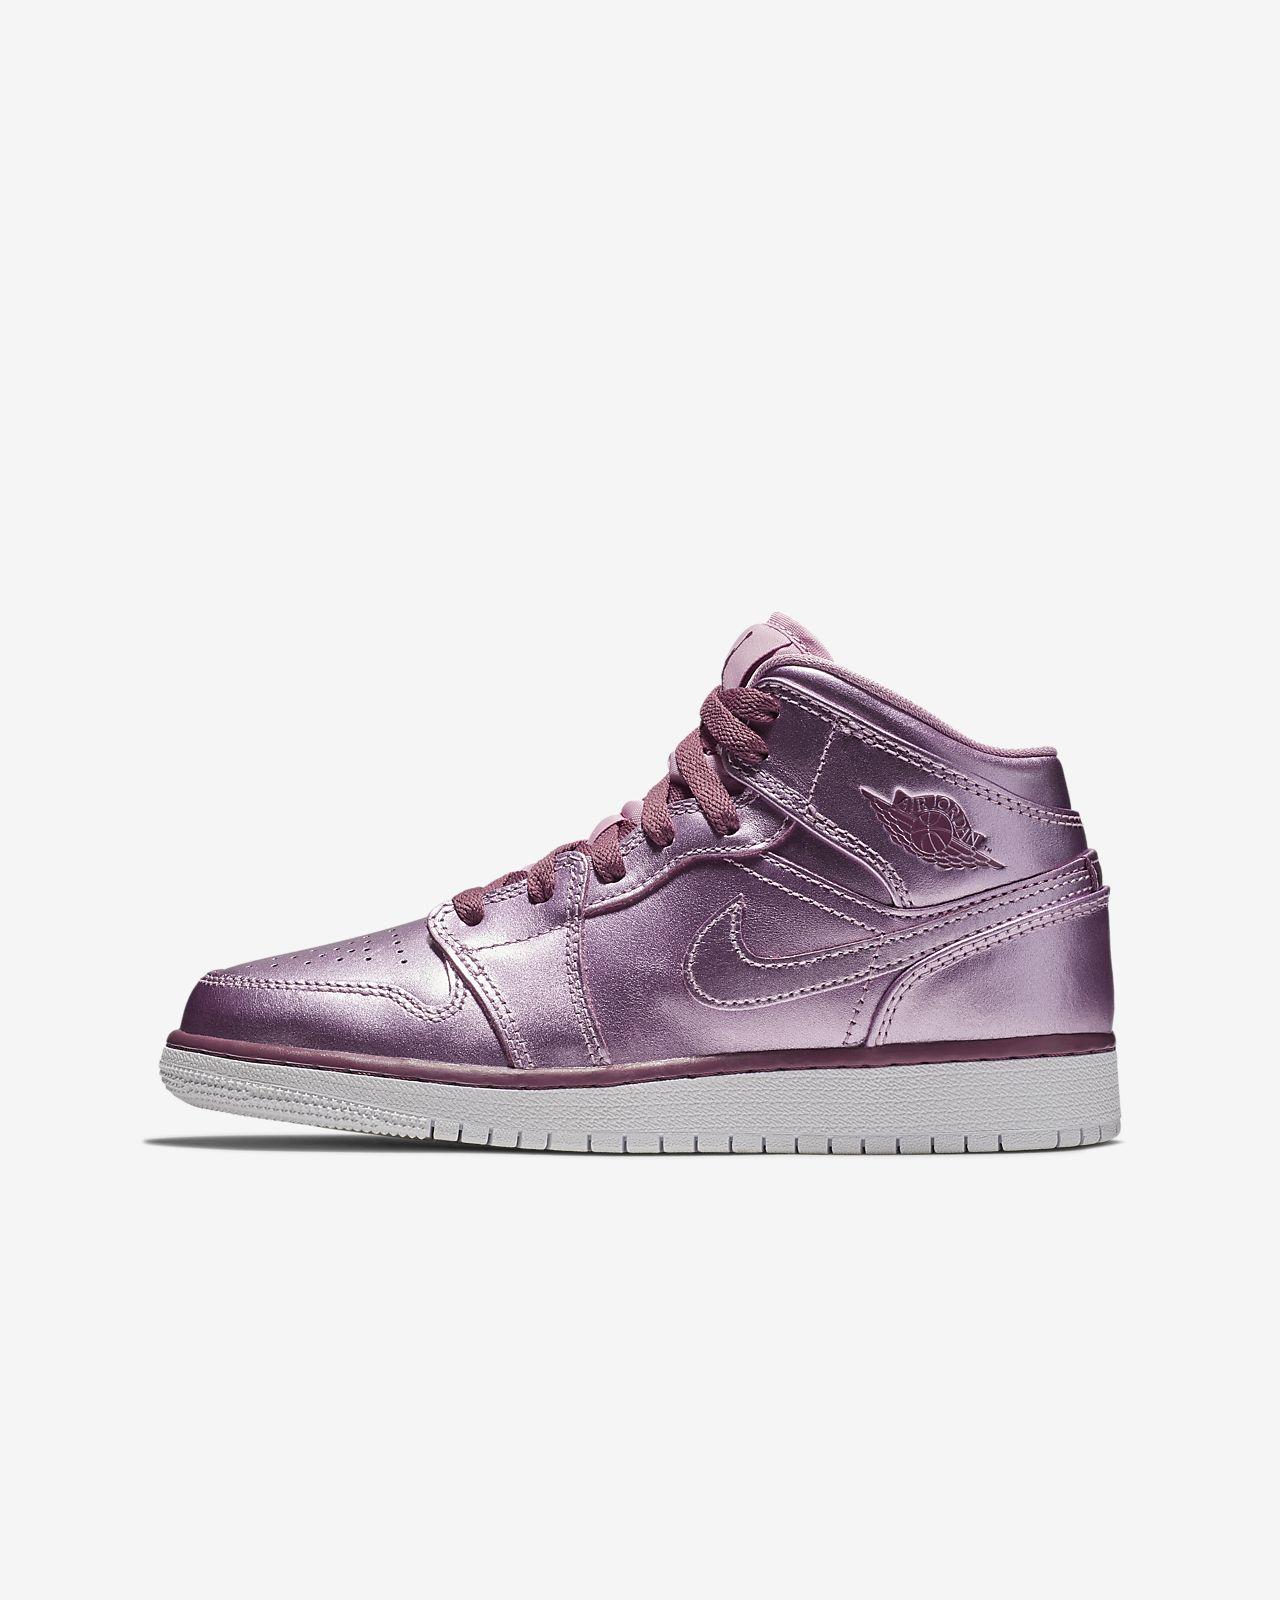 a7f3c273749fb1 Air Jordan 1 Mid SE Big Kids  Shoe (3.5y-9.5y). Nike.com